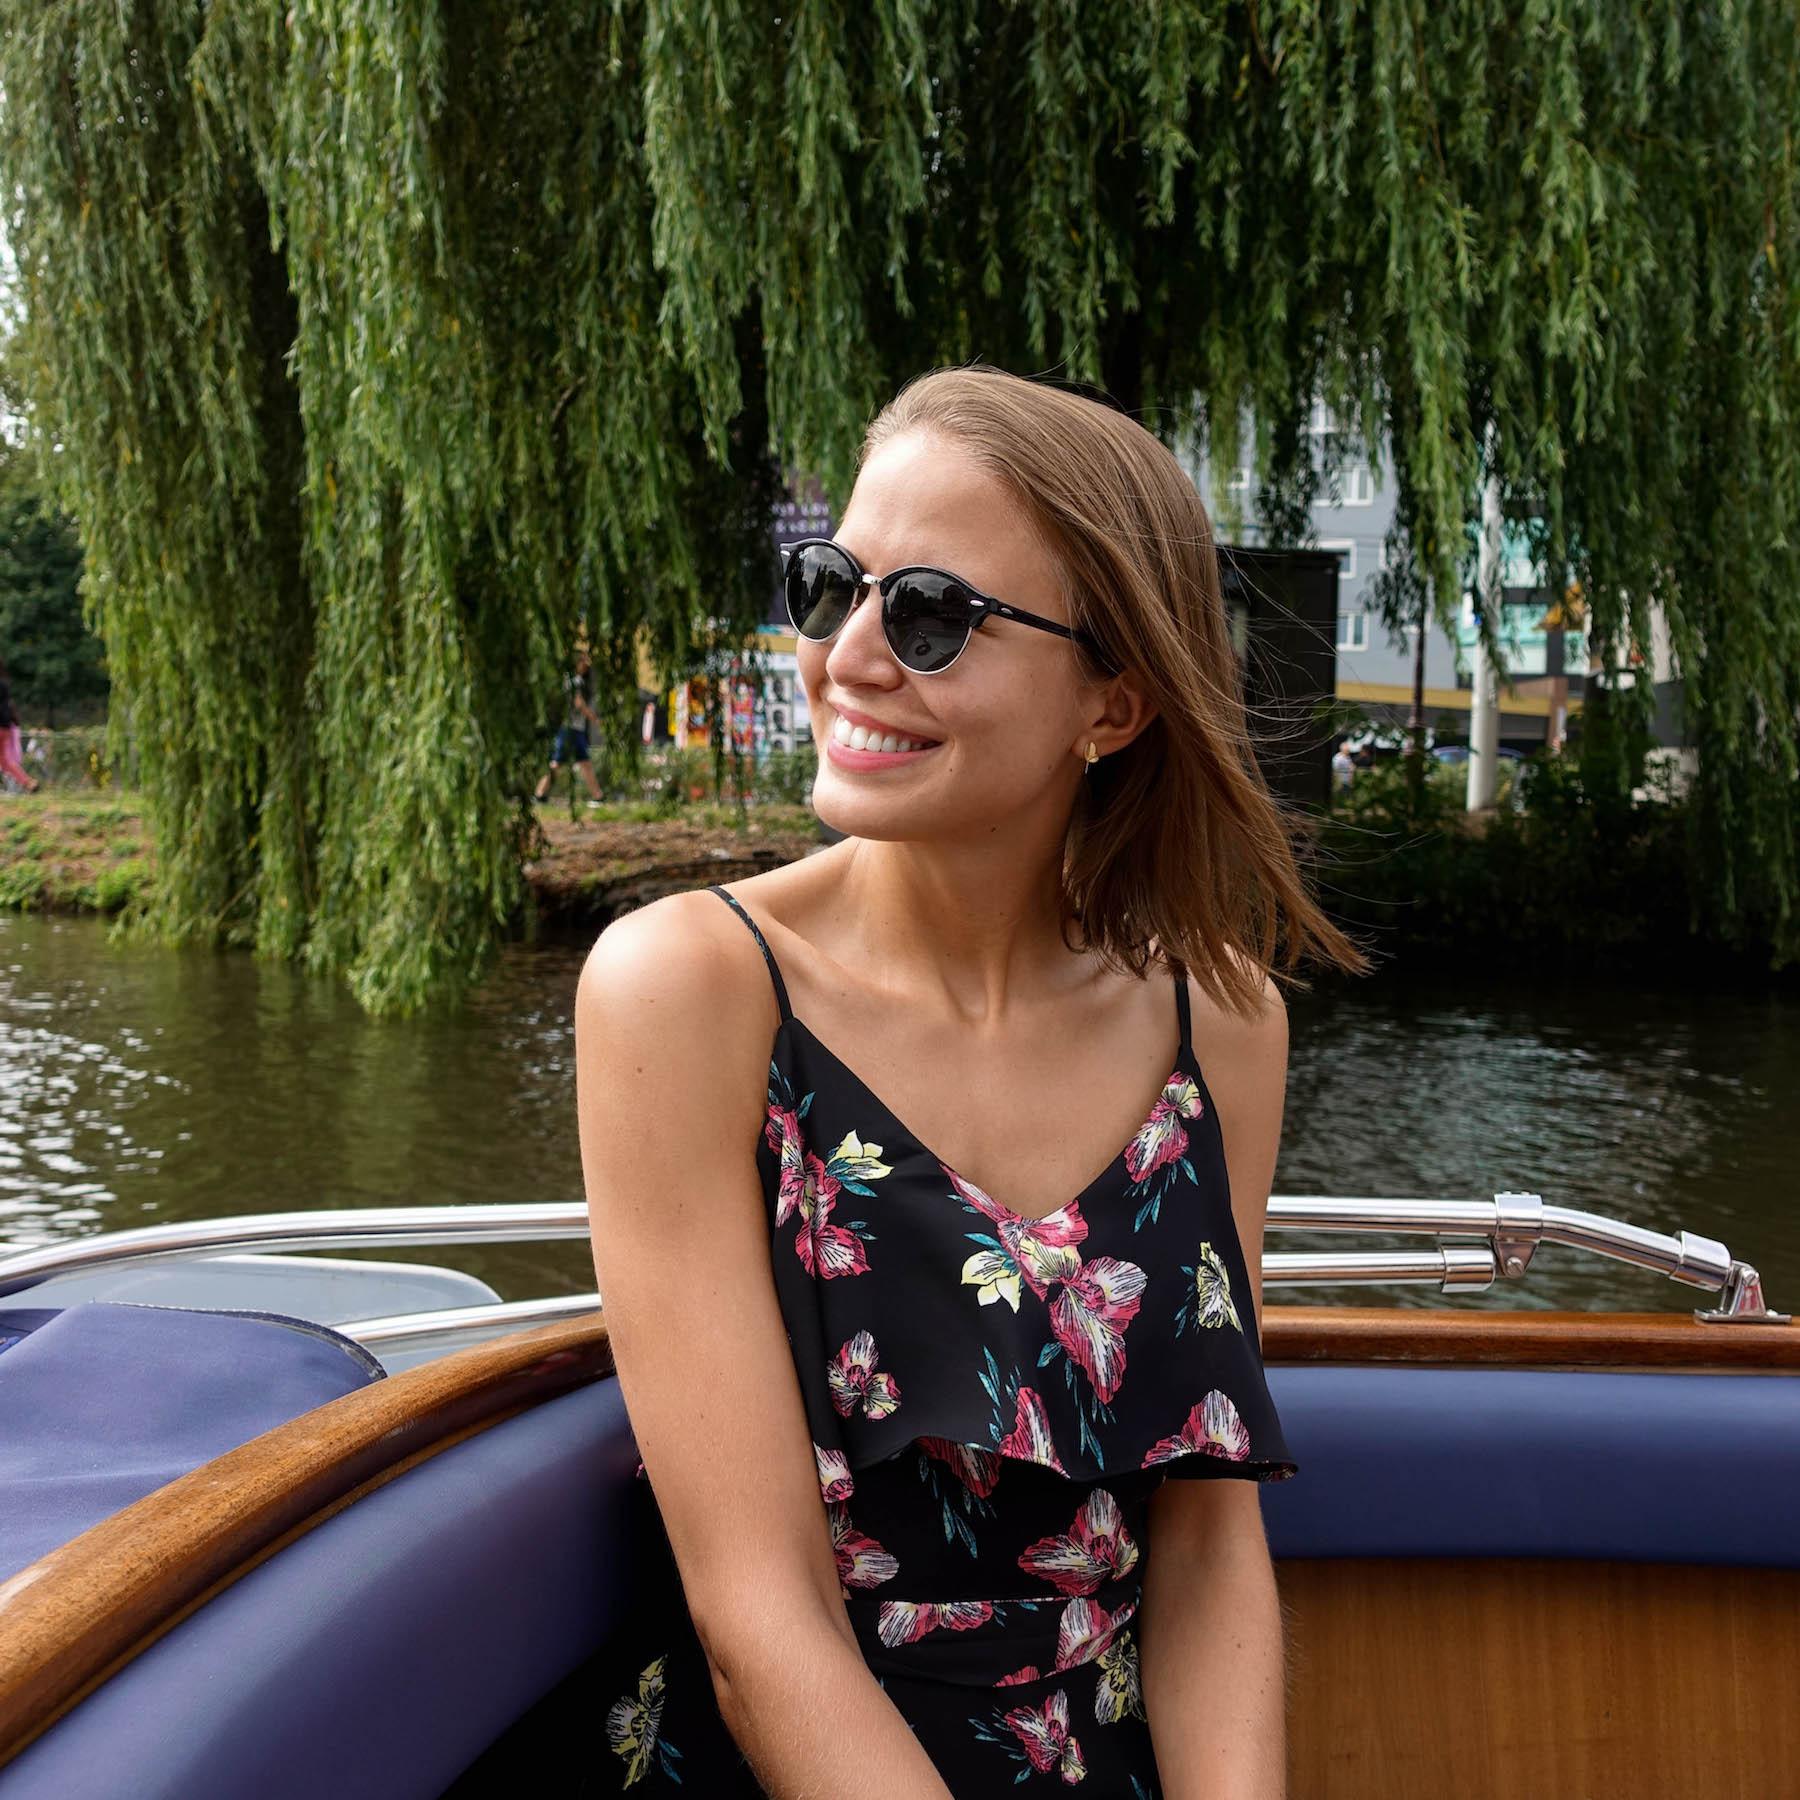 suelovesnyc_amsterdam_tipps_kurztrip_amsterdam_wochenende_open_boat_tour